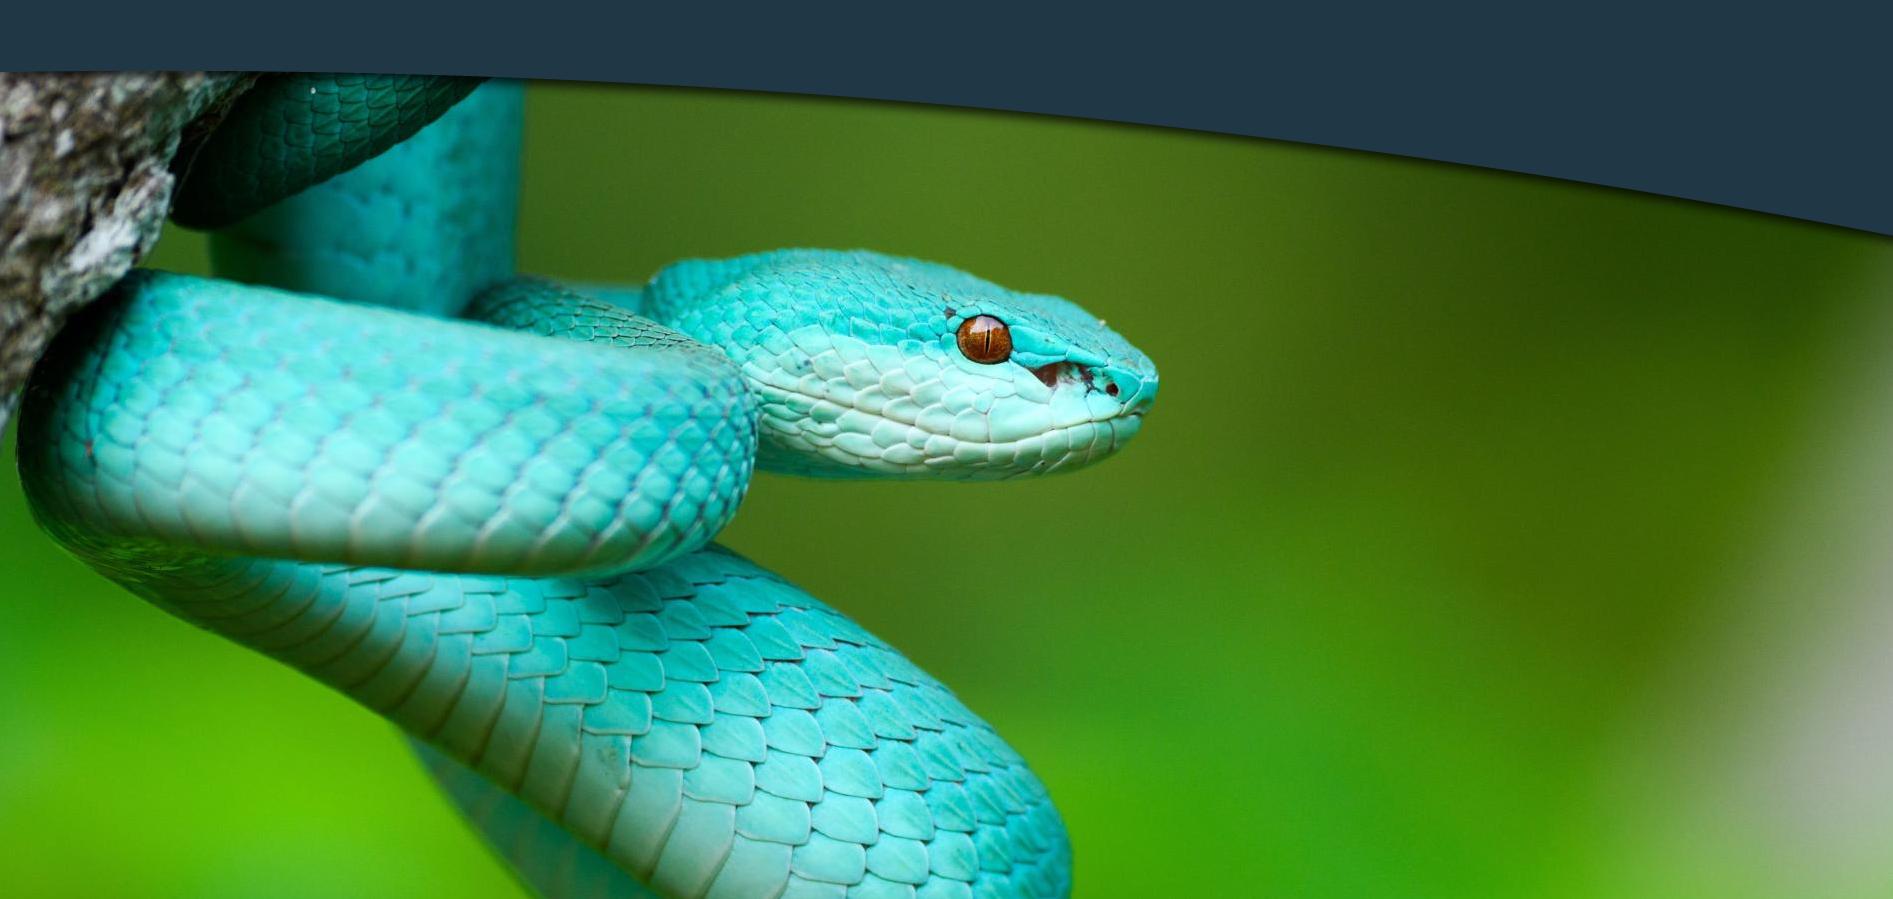 snakeimage-vetstream-vetlexicon-vetacademy-webpartner